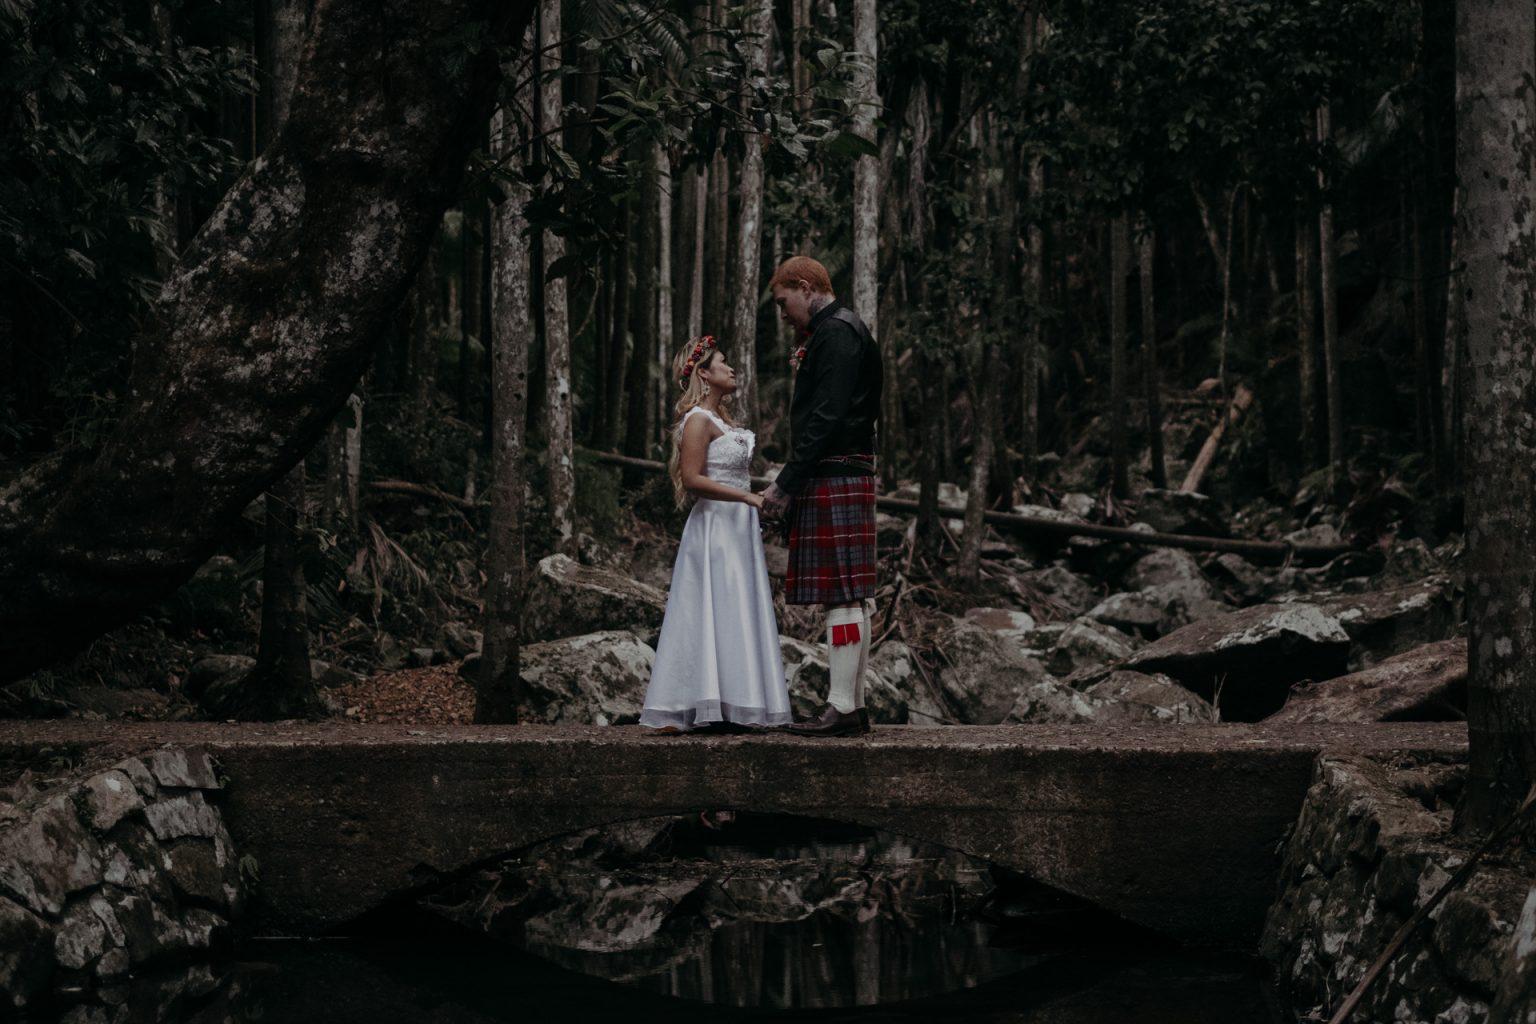 bride and groom on bridge in forest elopement mt tamborine